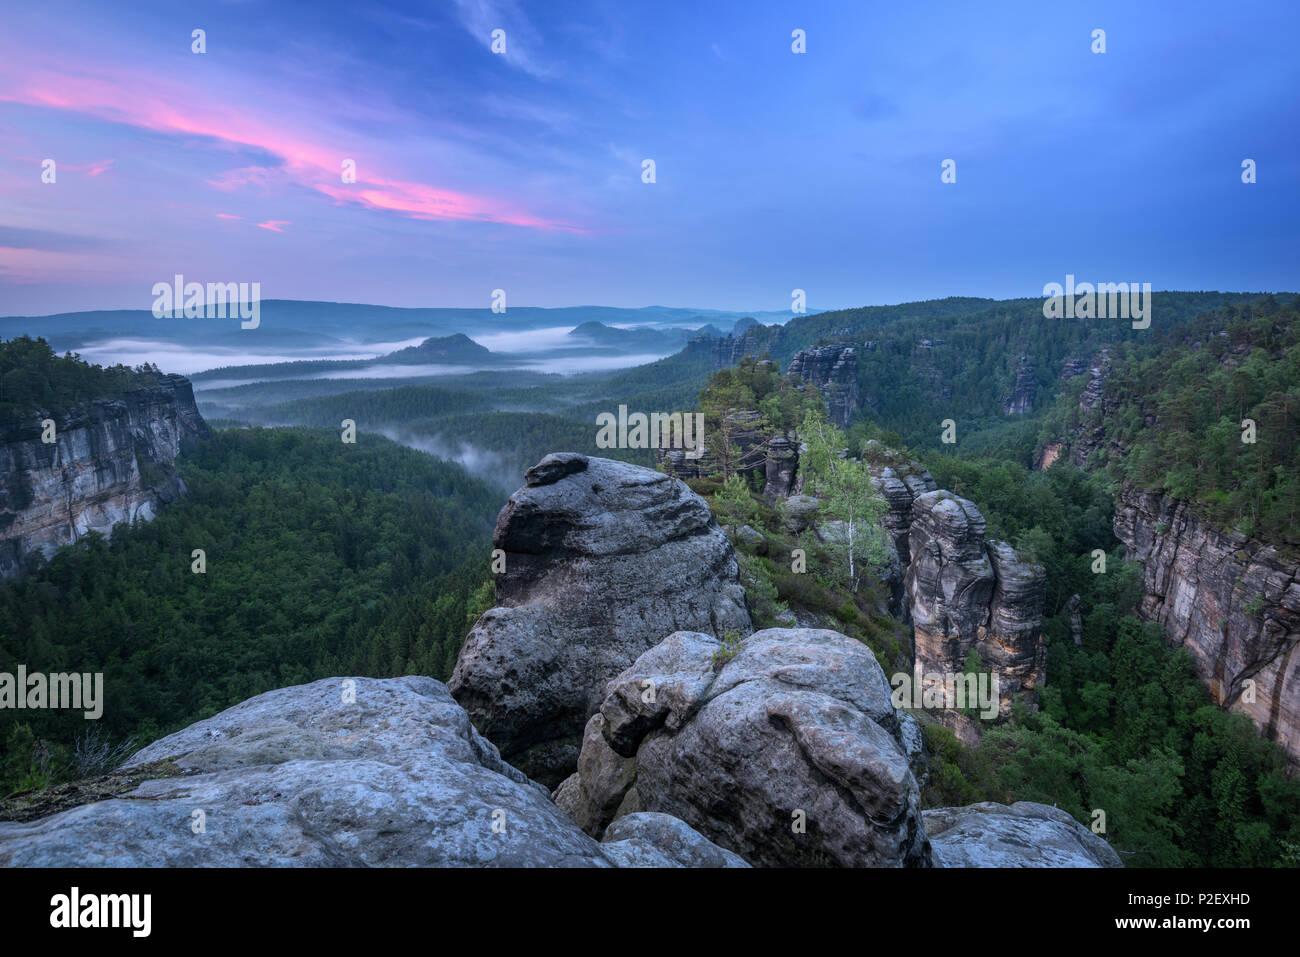 Blaue Stunde, Sonnenuntergang, Heringstein, Aussicht, Sächsische Schweiz, Elbsandsteingebirge, Deutschland, Europa, Sachsen, Steine, Felsen, Schlucht, Stockbild